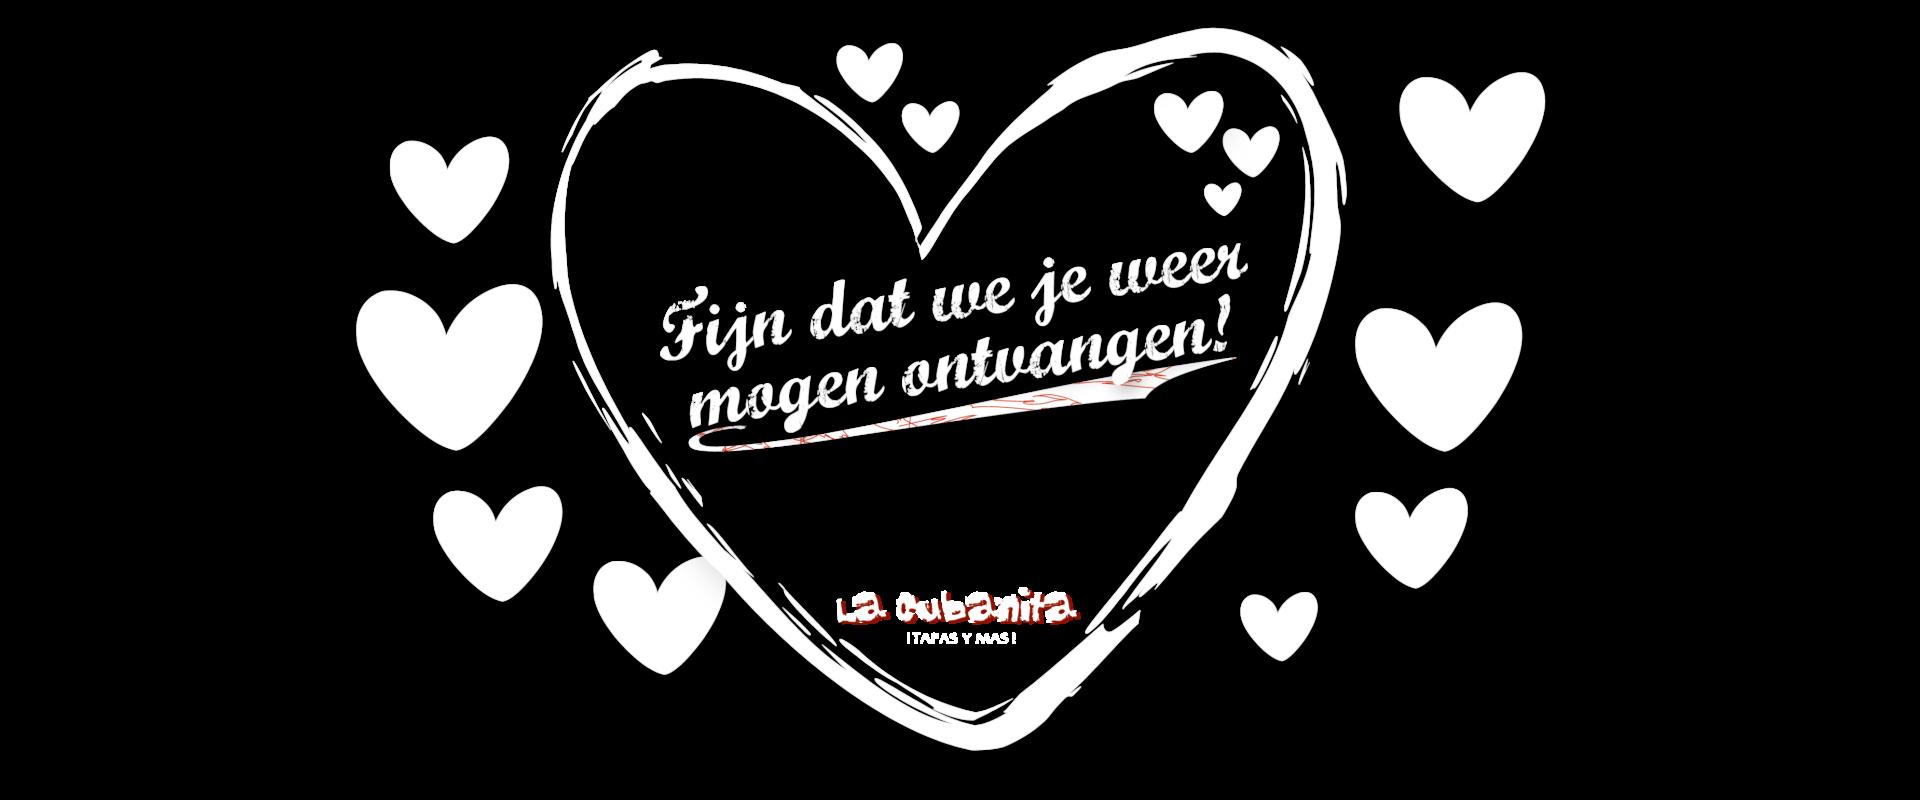 La Cubanita NL fijndatjeerweerbent website banner 2